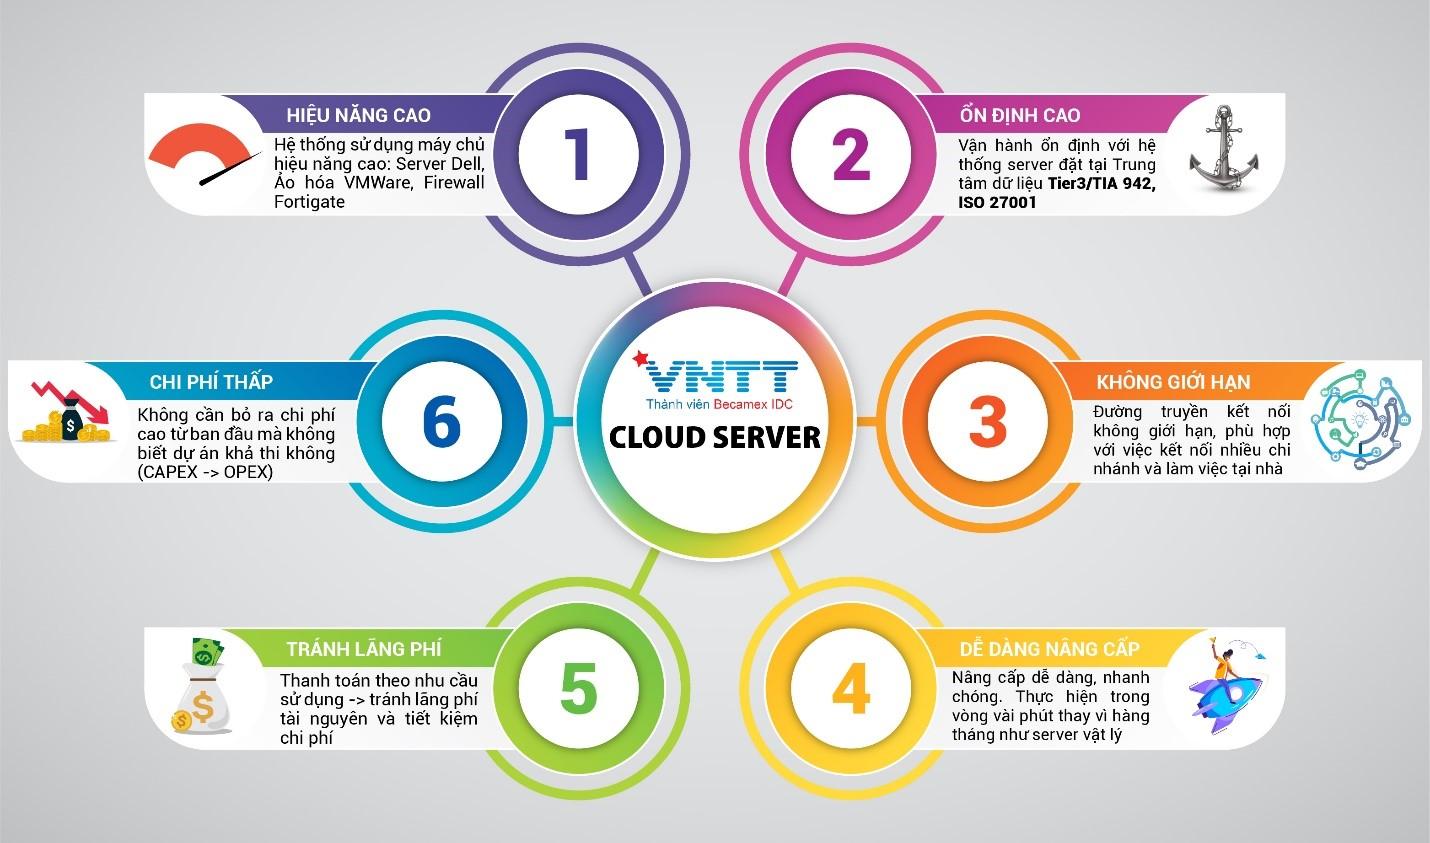 Xu hướng chuyển đổi hạ tầng Công nghệ thông tin hỗ trợ doanh nghiệp mùa Covid-19